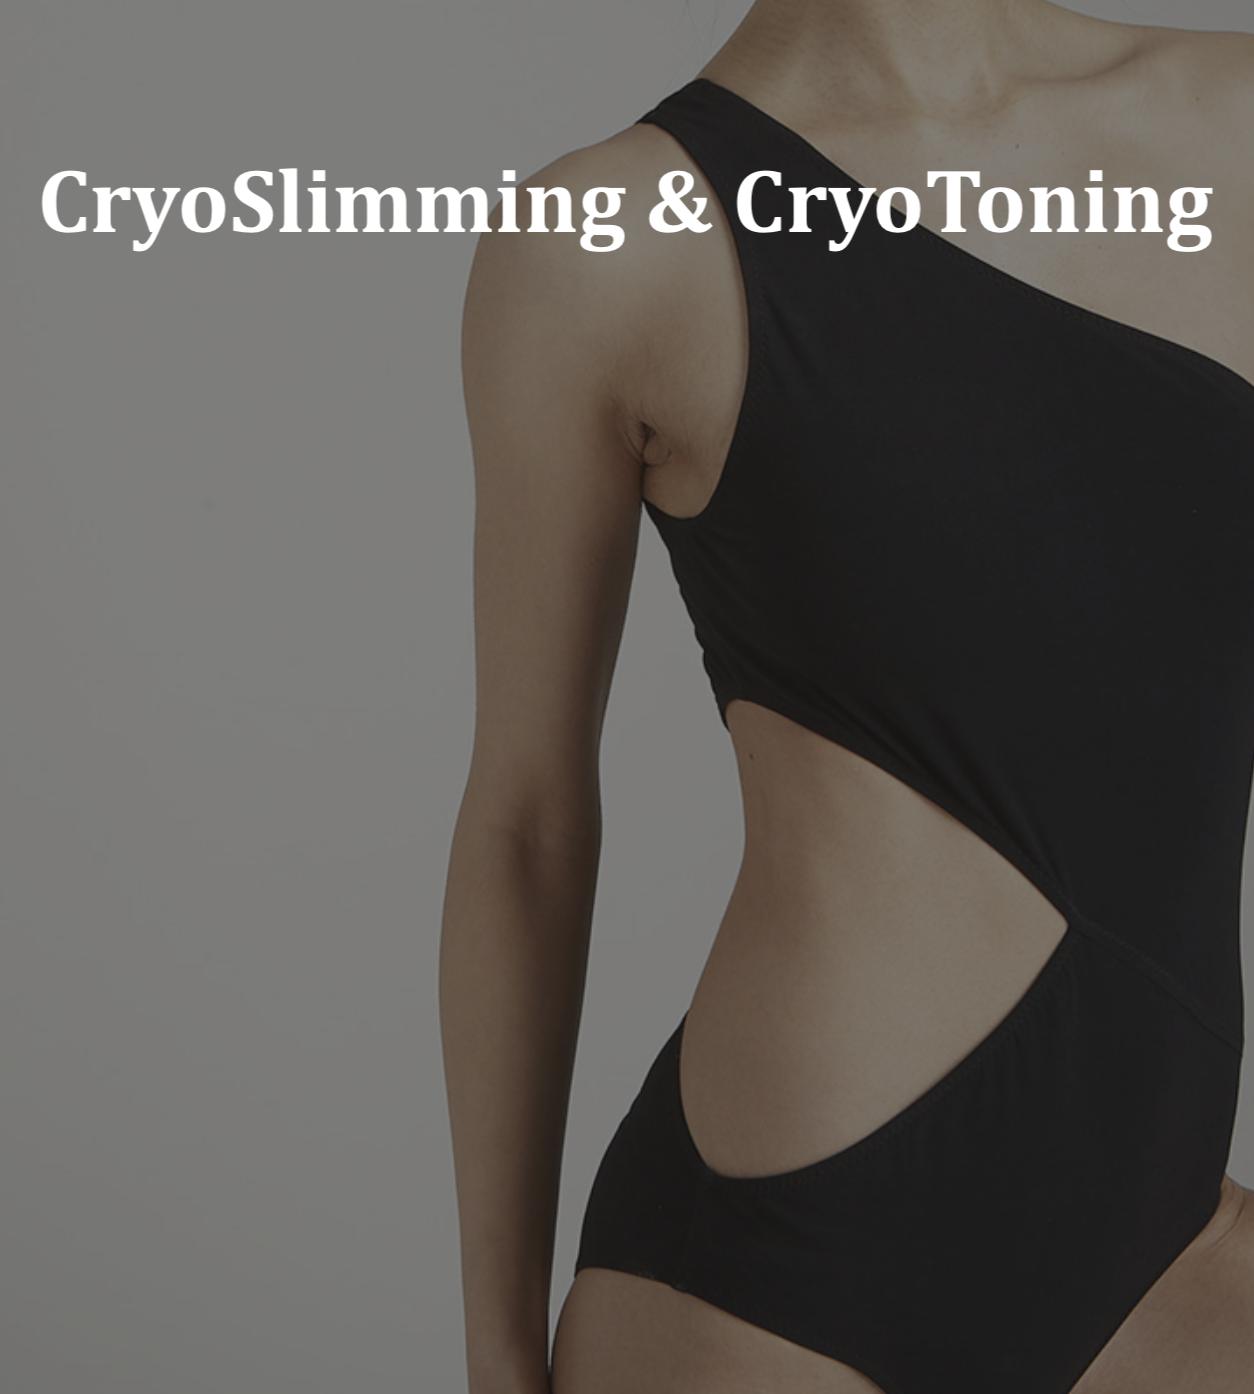 CryoSlimming & CryoToning